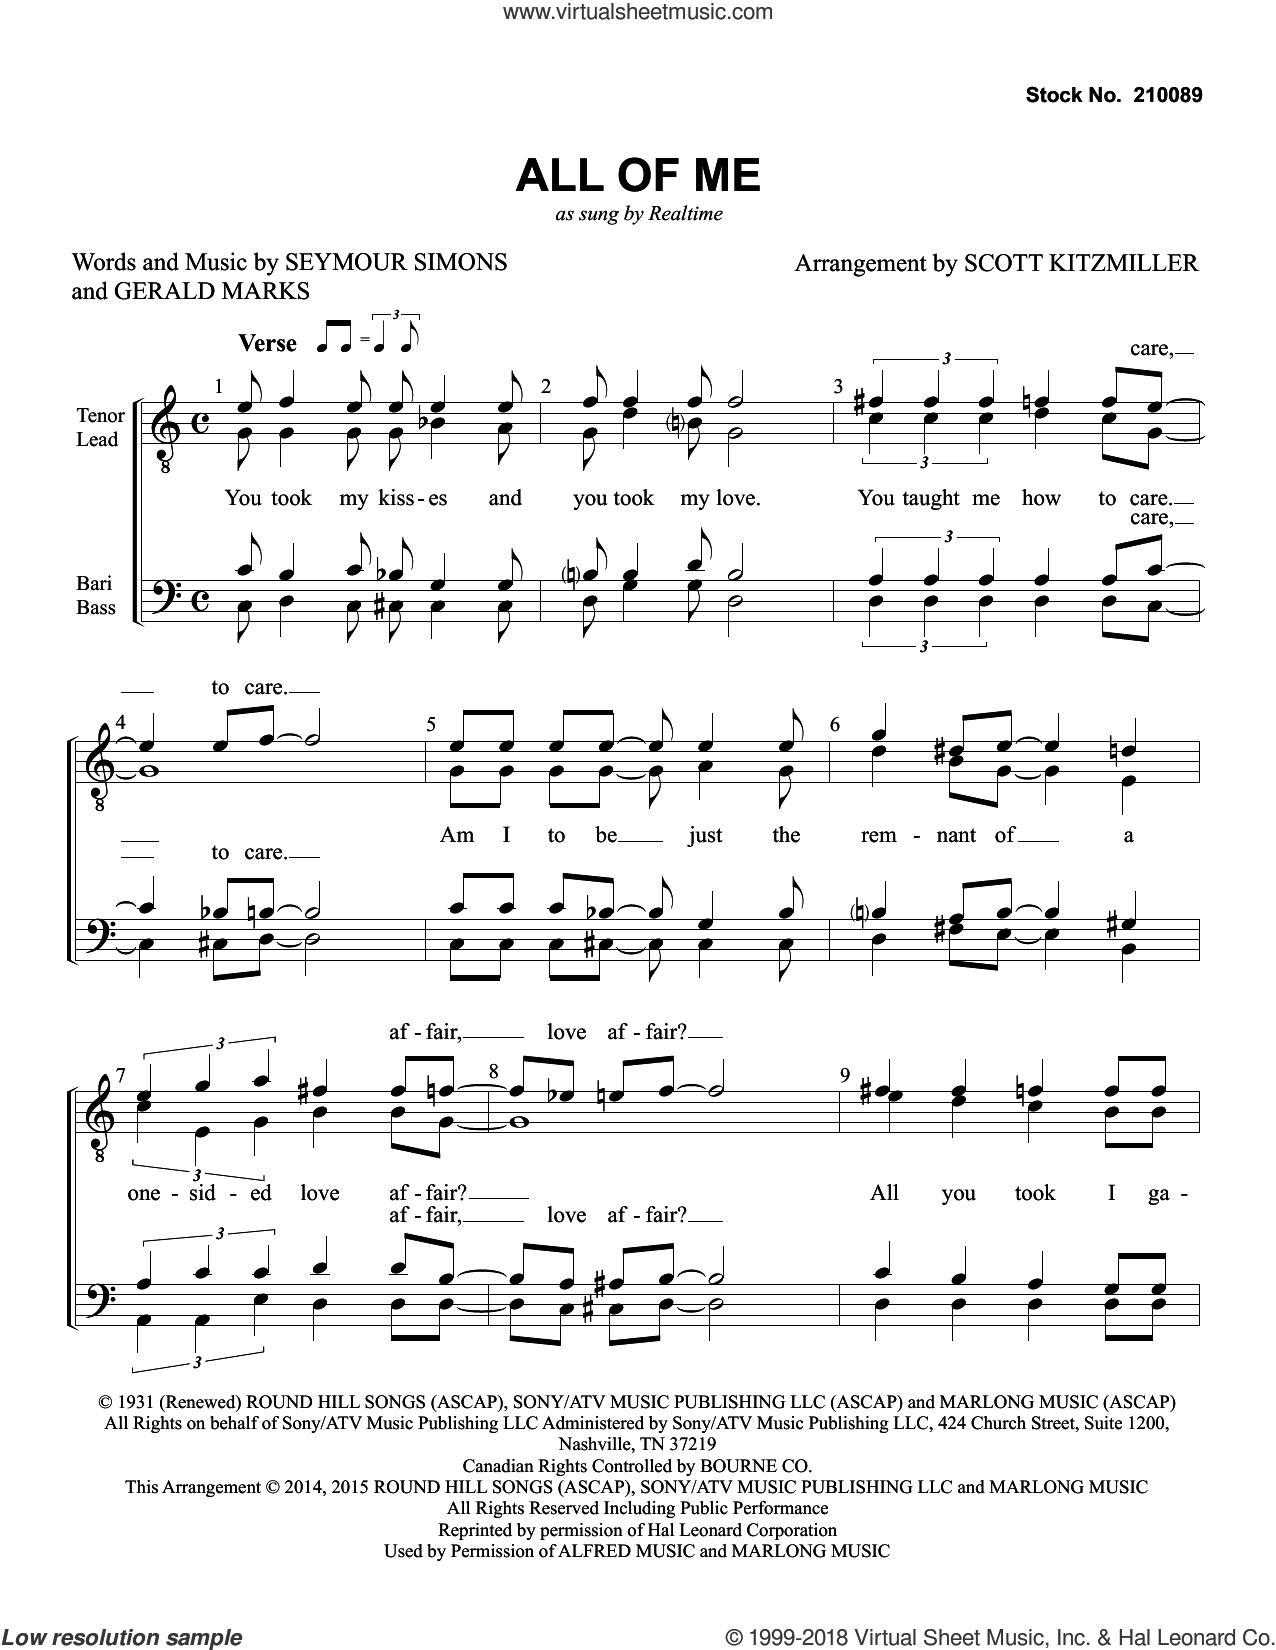 All Of Me (arr. Scott Kitzmiller) sheet music for choir (TTBB: tenor, bass) by Realtime, Scott Kitzmiller, Gerald Marks and Seymour Simons, wedding score, intermediate skill level